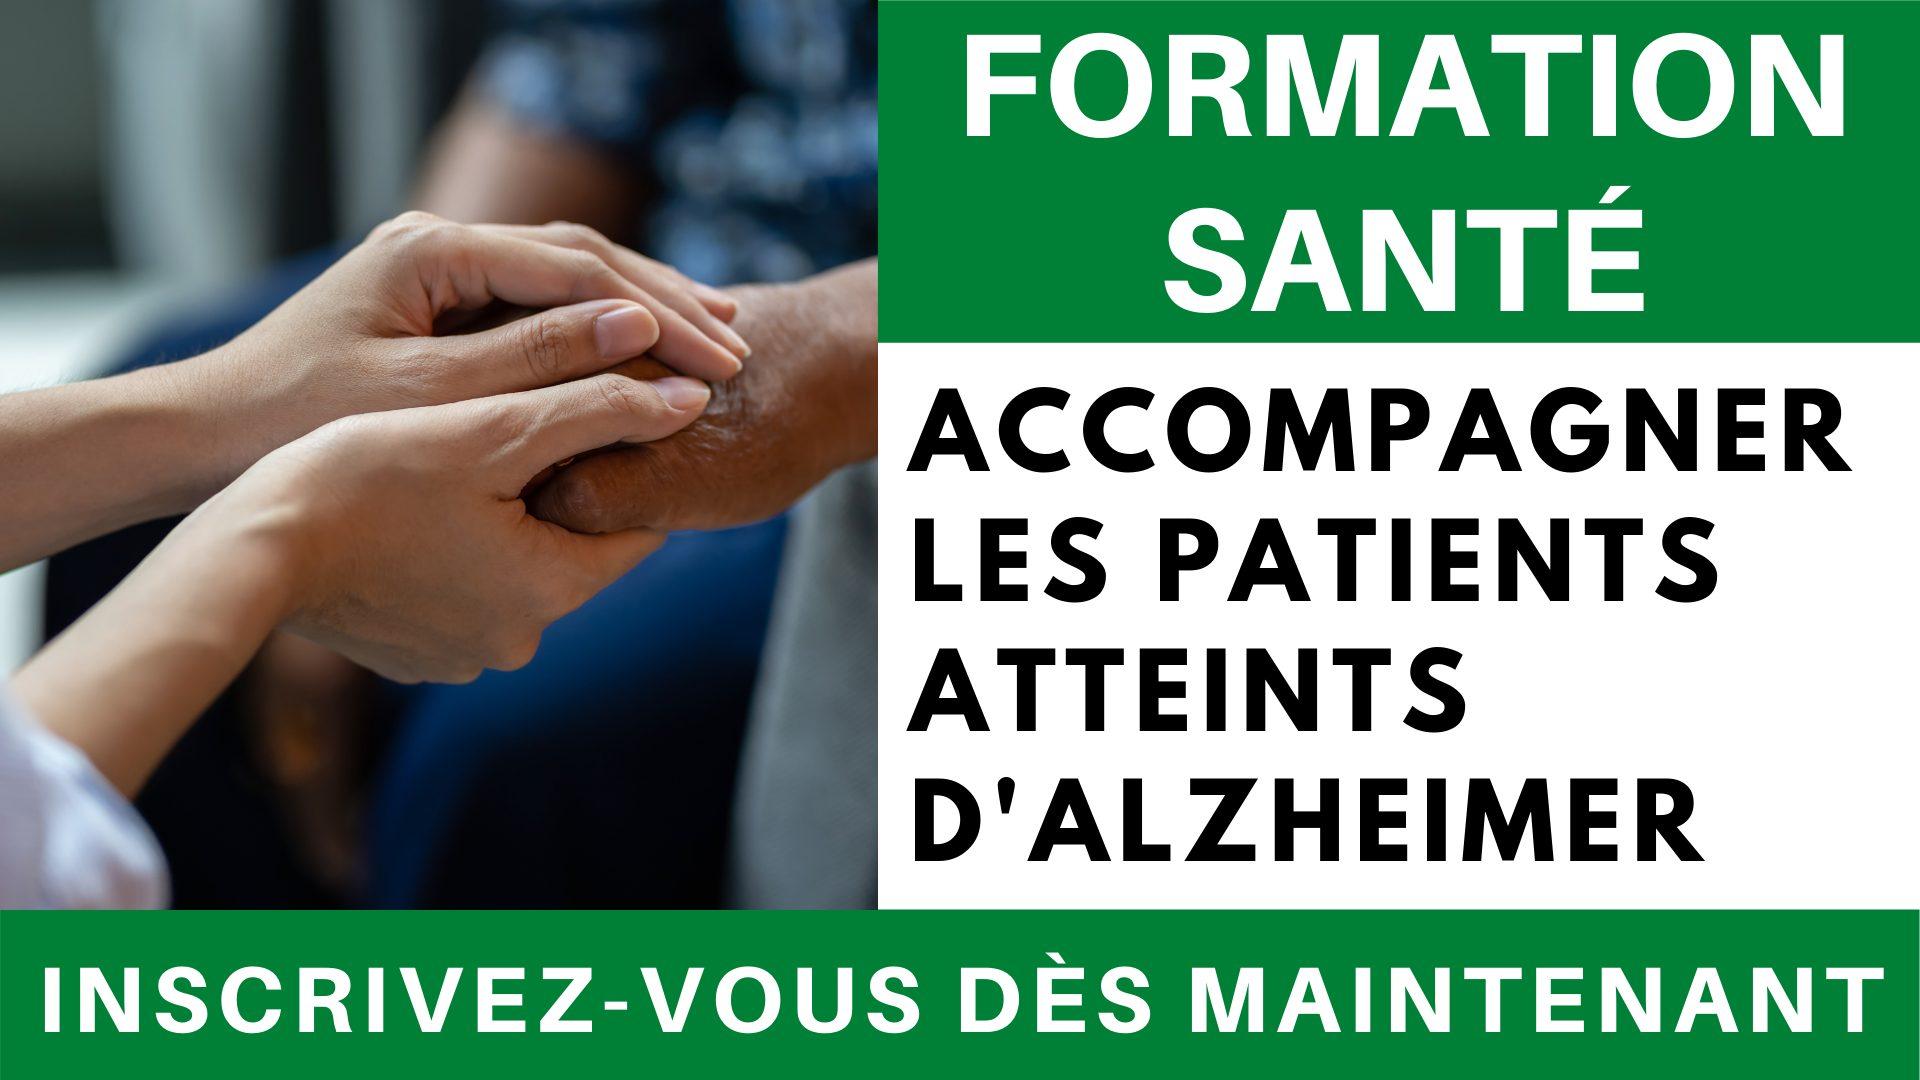 Formation sante - Accompagnement des patients atteints d'Alzheimer